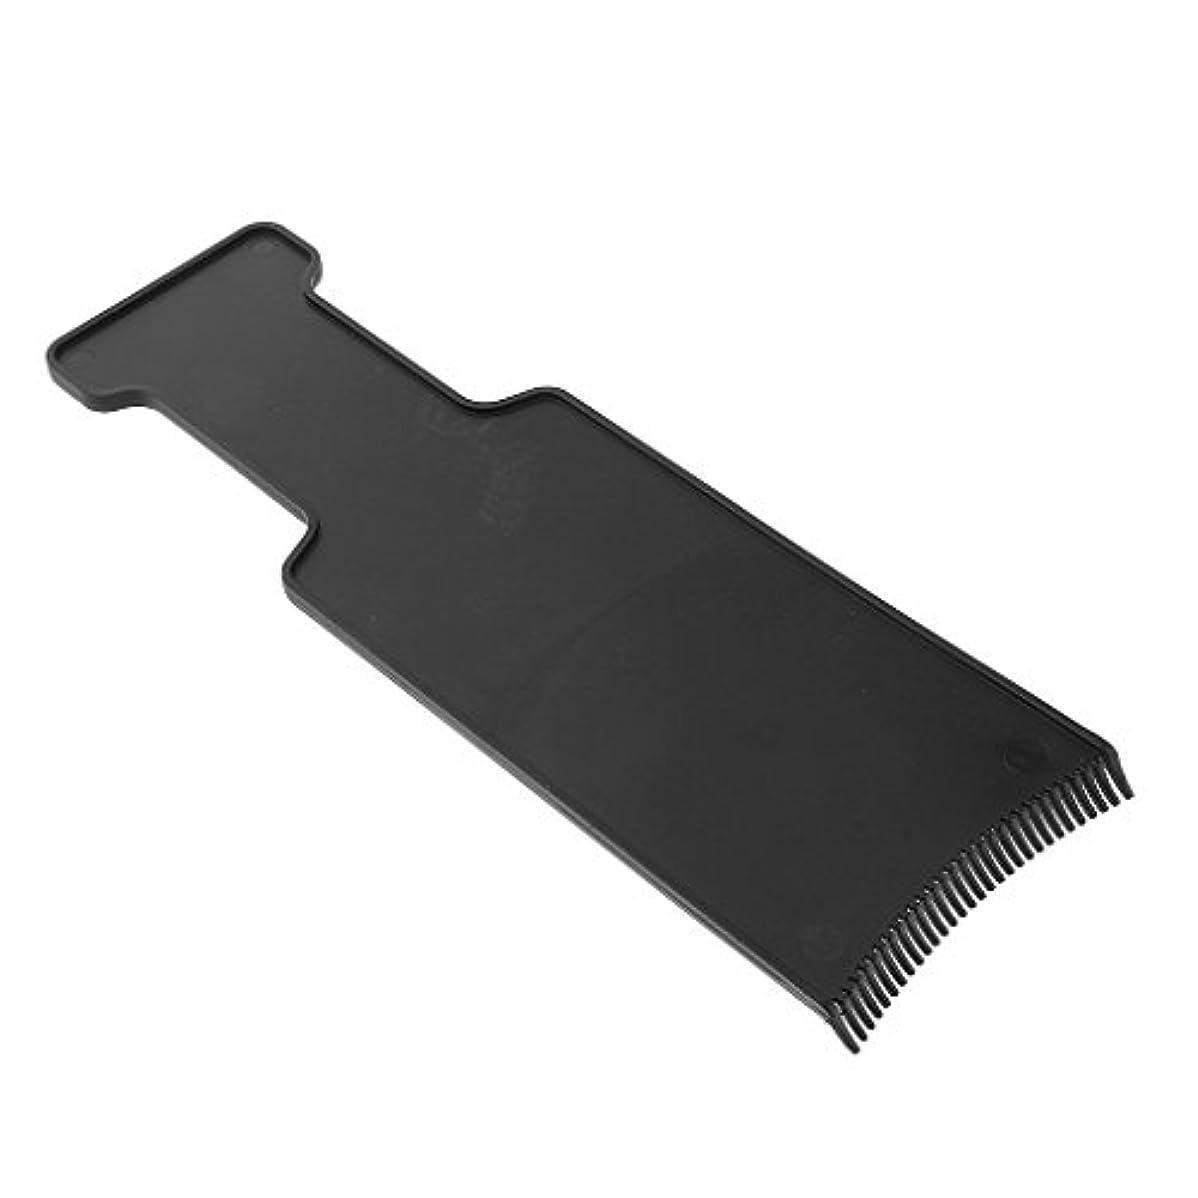 許可する失われたカリングKesoto サロン ヘアカラー ボード ヘアカラーティント 美容 ヘア ツール 髪 保護 ブラック 全4サイズ - M